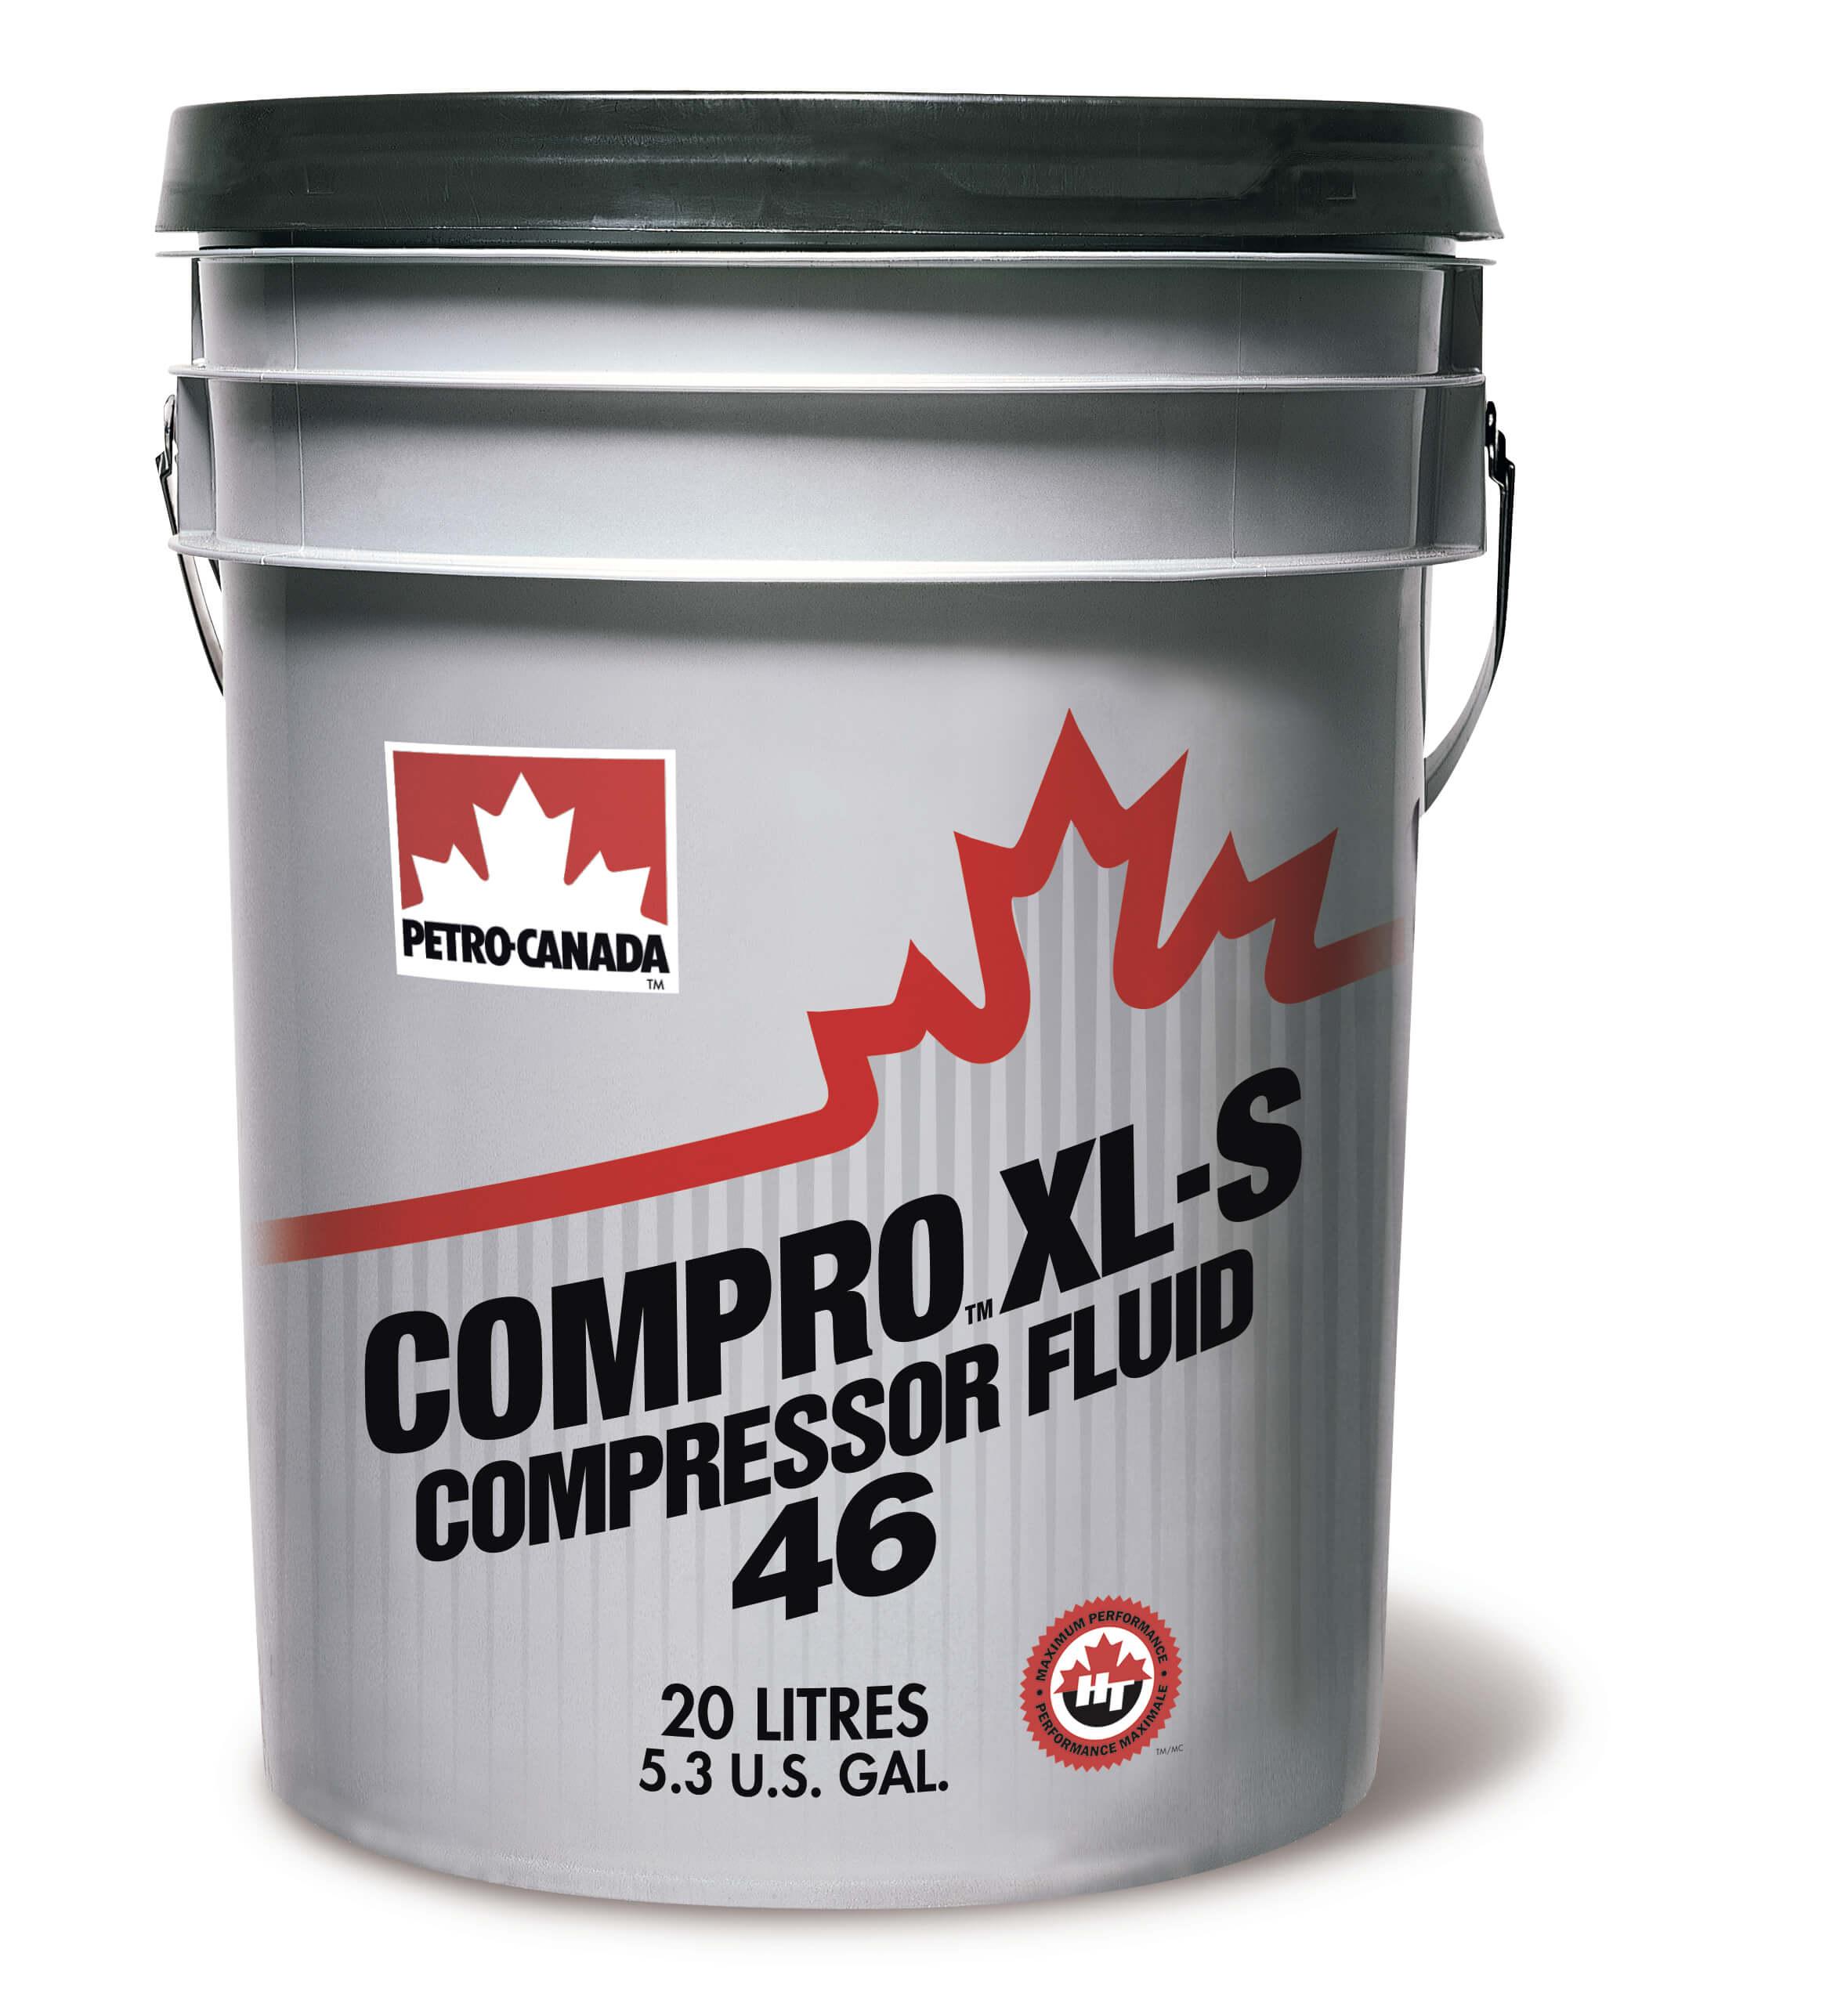 Petro-Canada COMPRO XL-S 46 Compressor Fluid